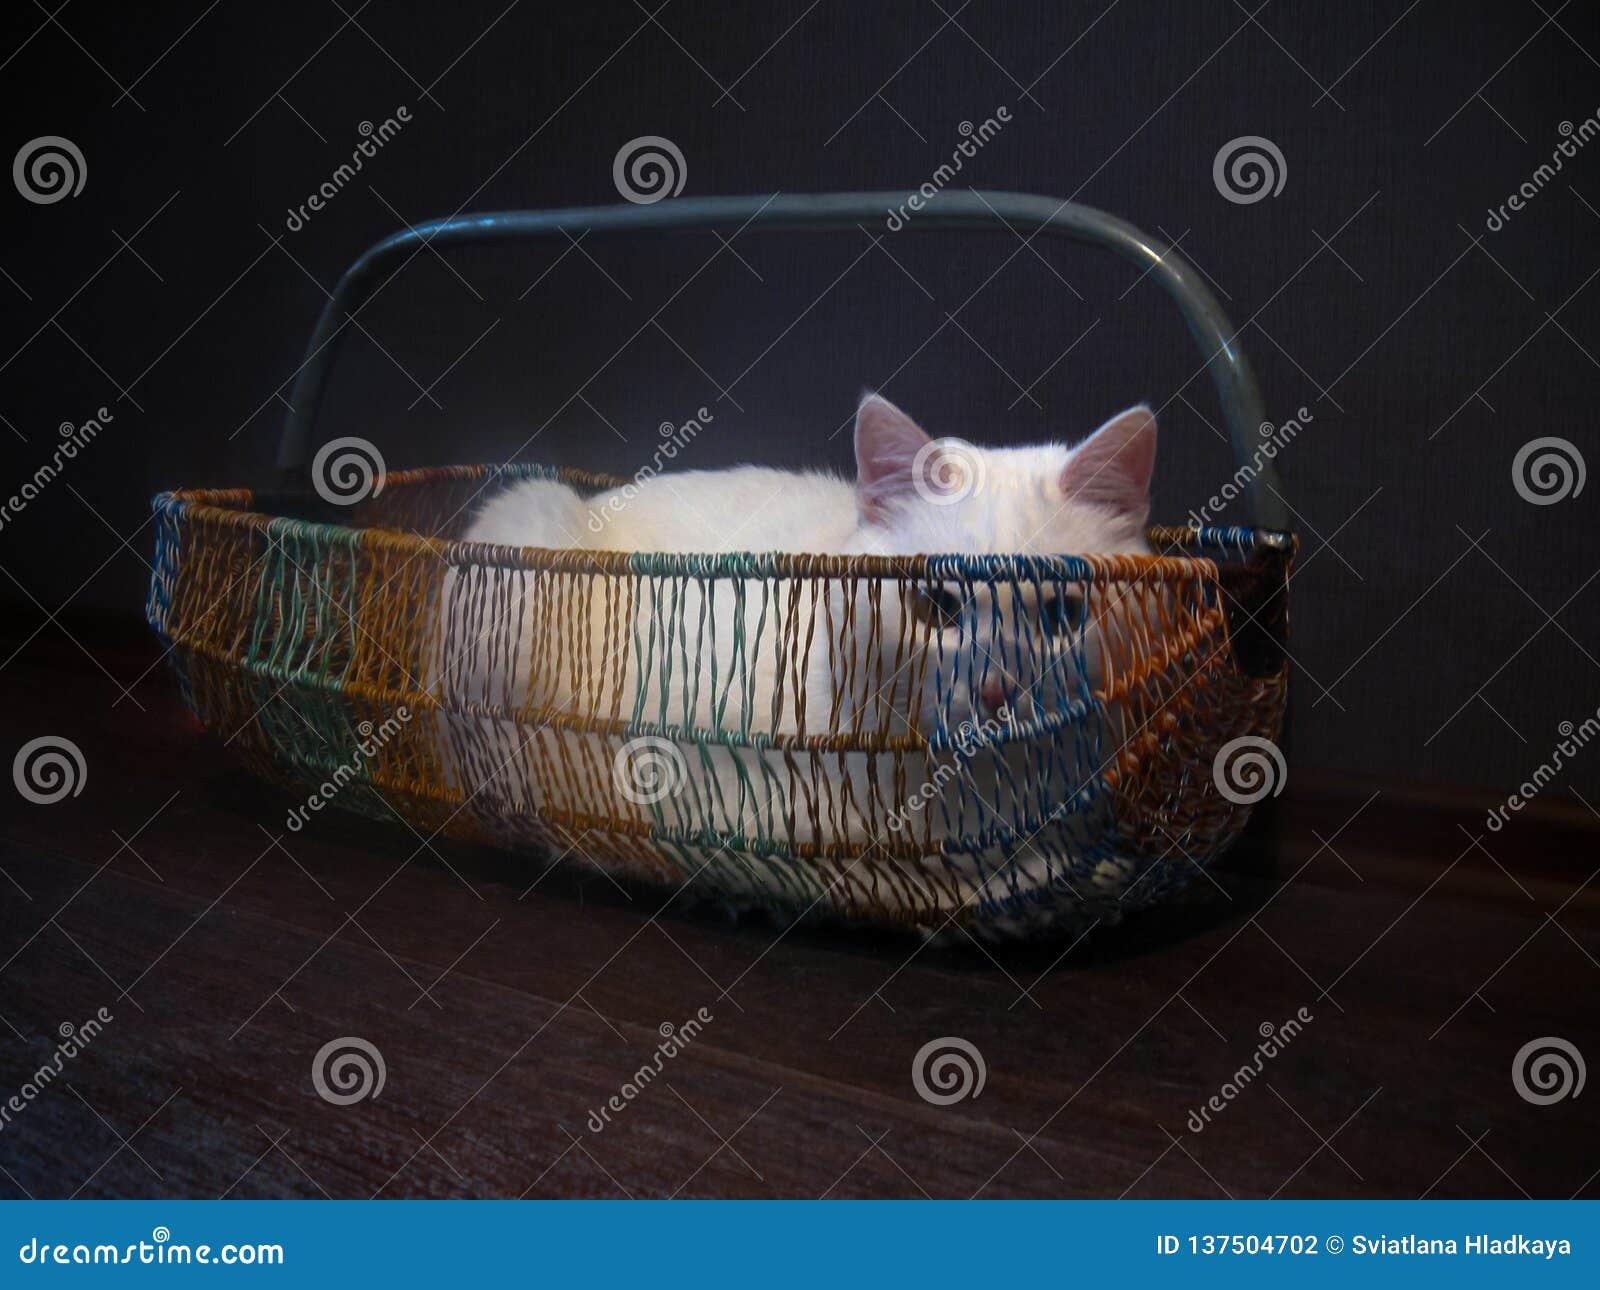 Junge weiße flaumige Katze liegt das Stillstehen entspannt in einem Weidenkorb